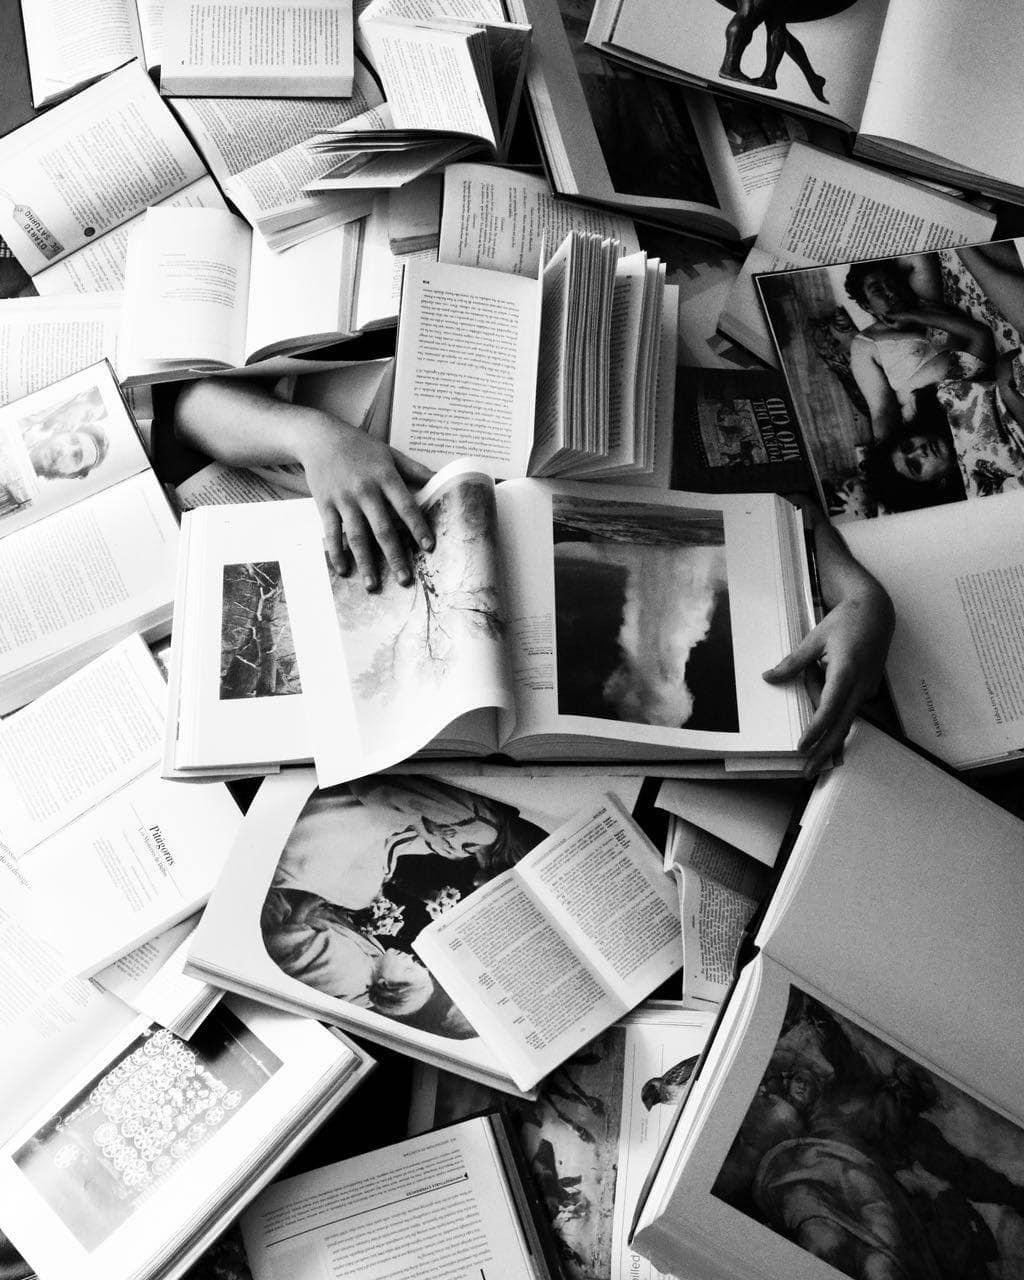 Fotografía de varios libros